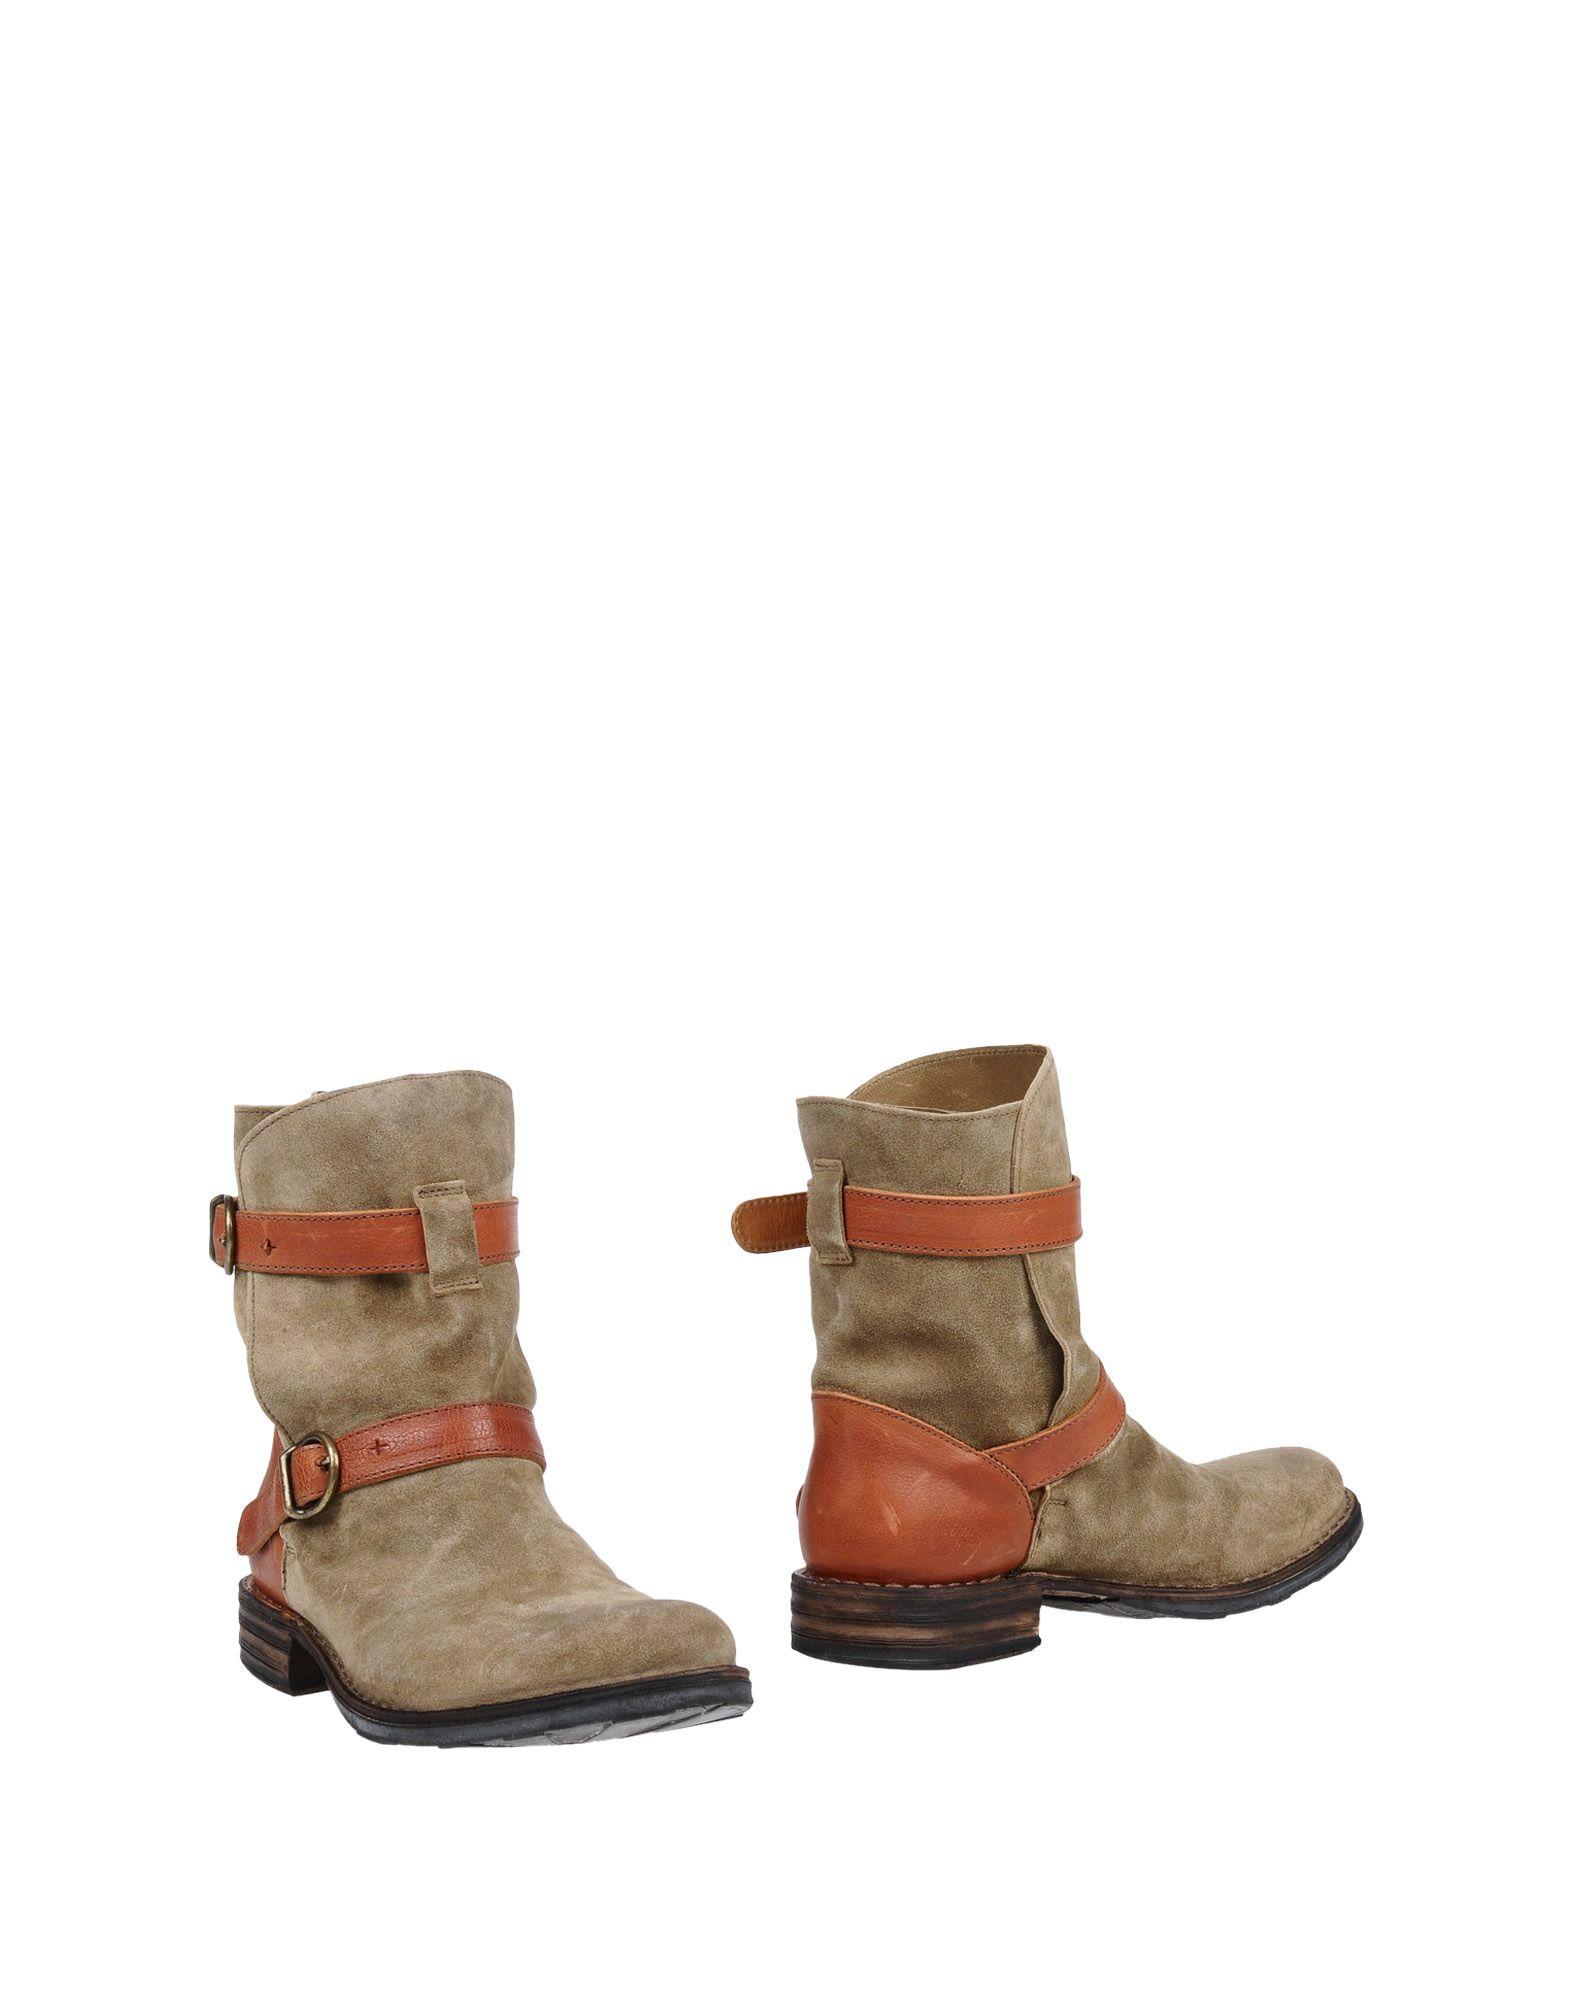 Fiorentini+Baker Stiefelette Damen  11421460WNGut 11421460WNGut 11421460WNGut aussehende strapazierfähige Schuhe e73e6f